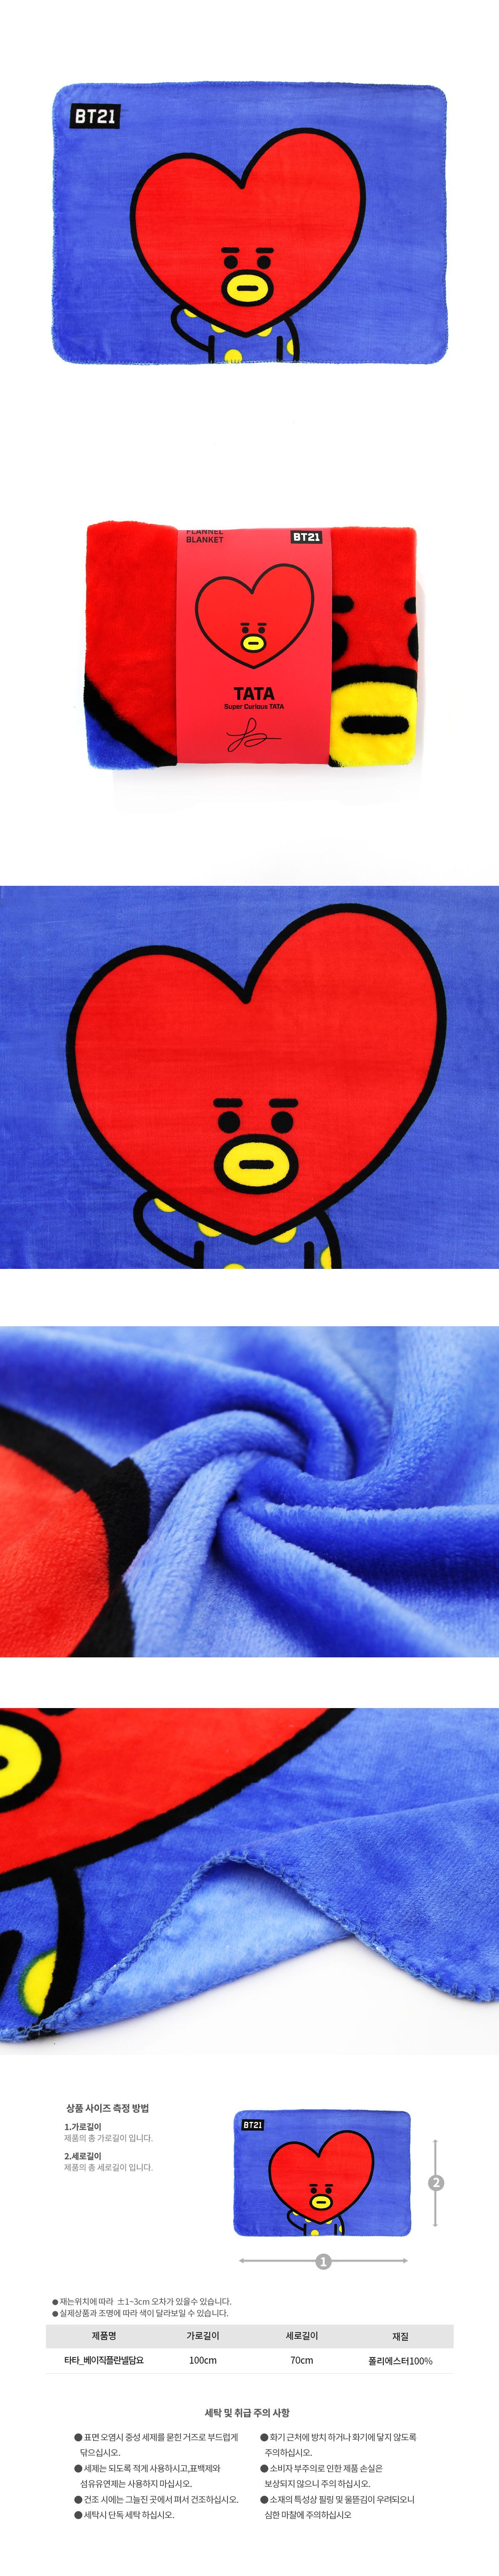 BT21 담요_타타 - 나라홈데코, 9,000원, 담요/블랑켓, 캐릭터/일러스트